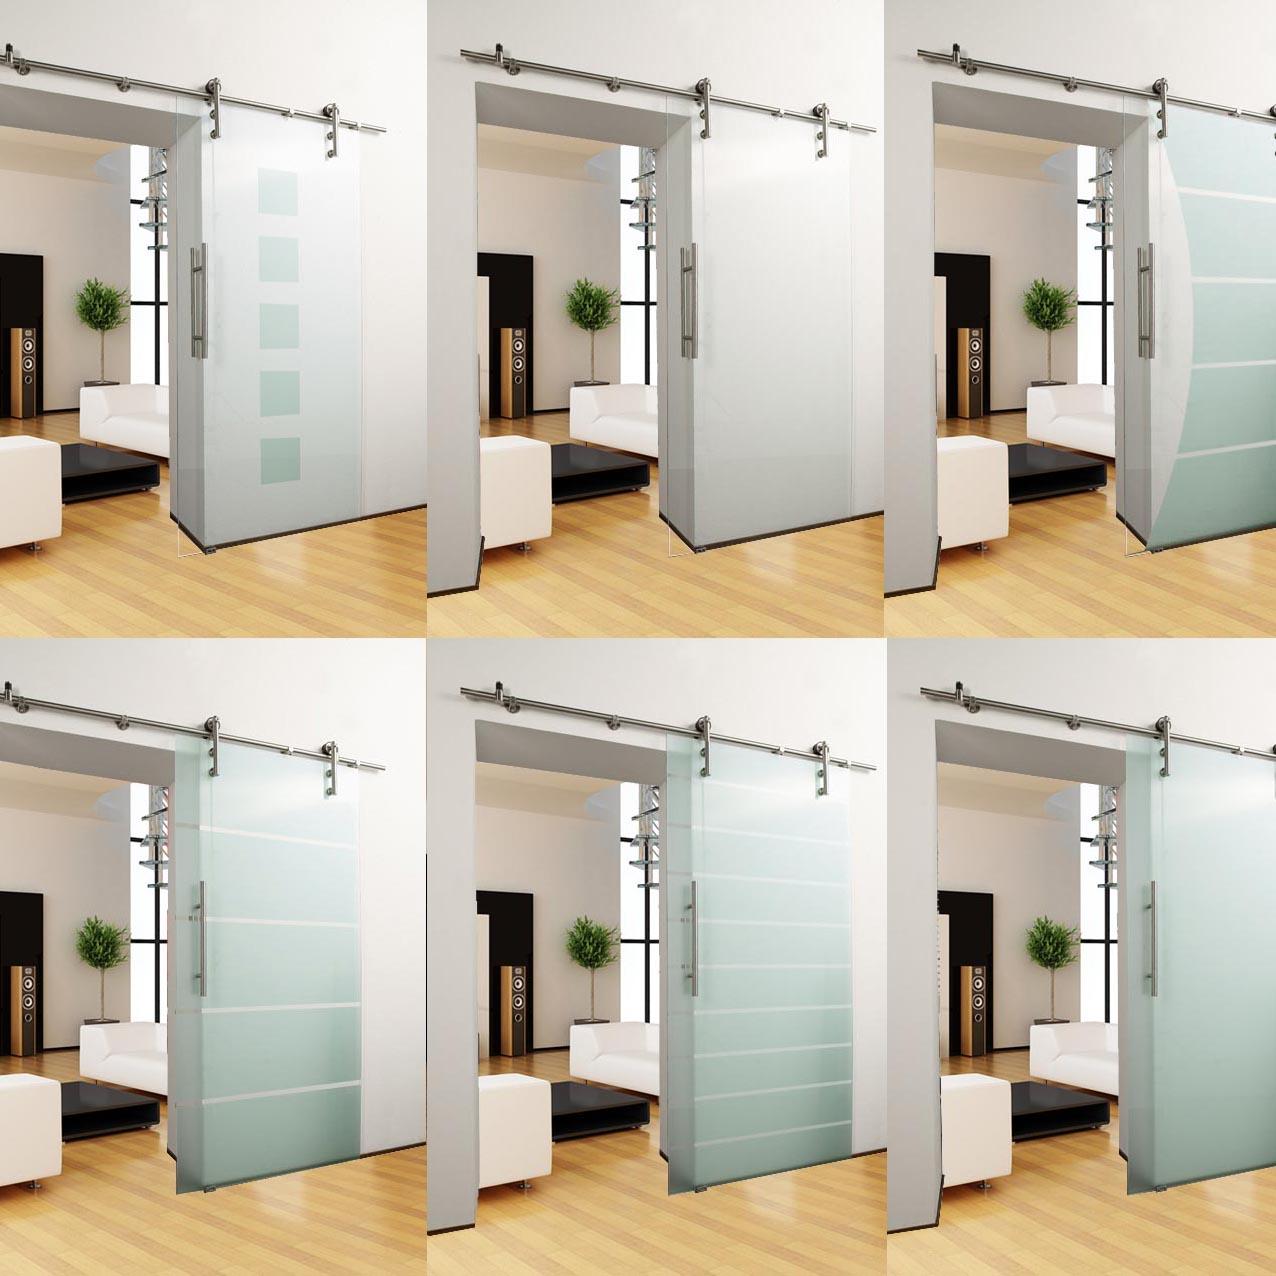 Portes Coulissantes Vitrées Intérieures détails sur porte vitrée coulissante set ouvert essayage portière en verre  intérieure